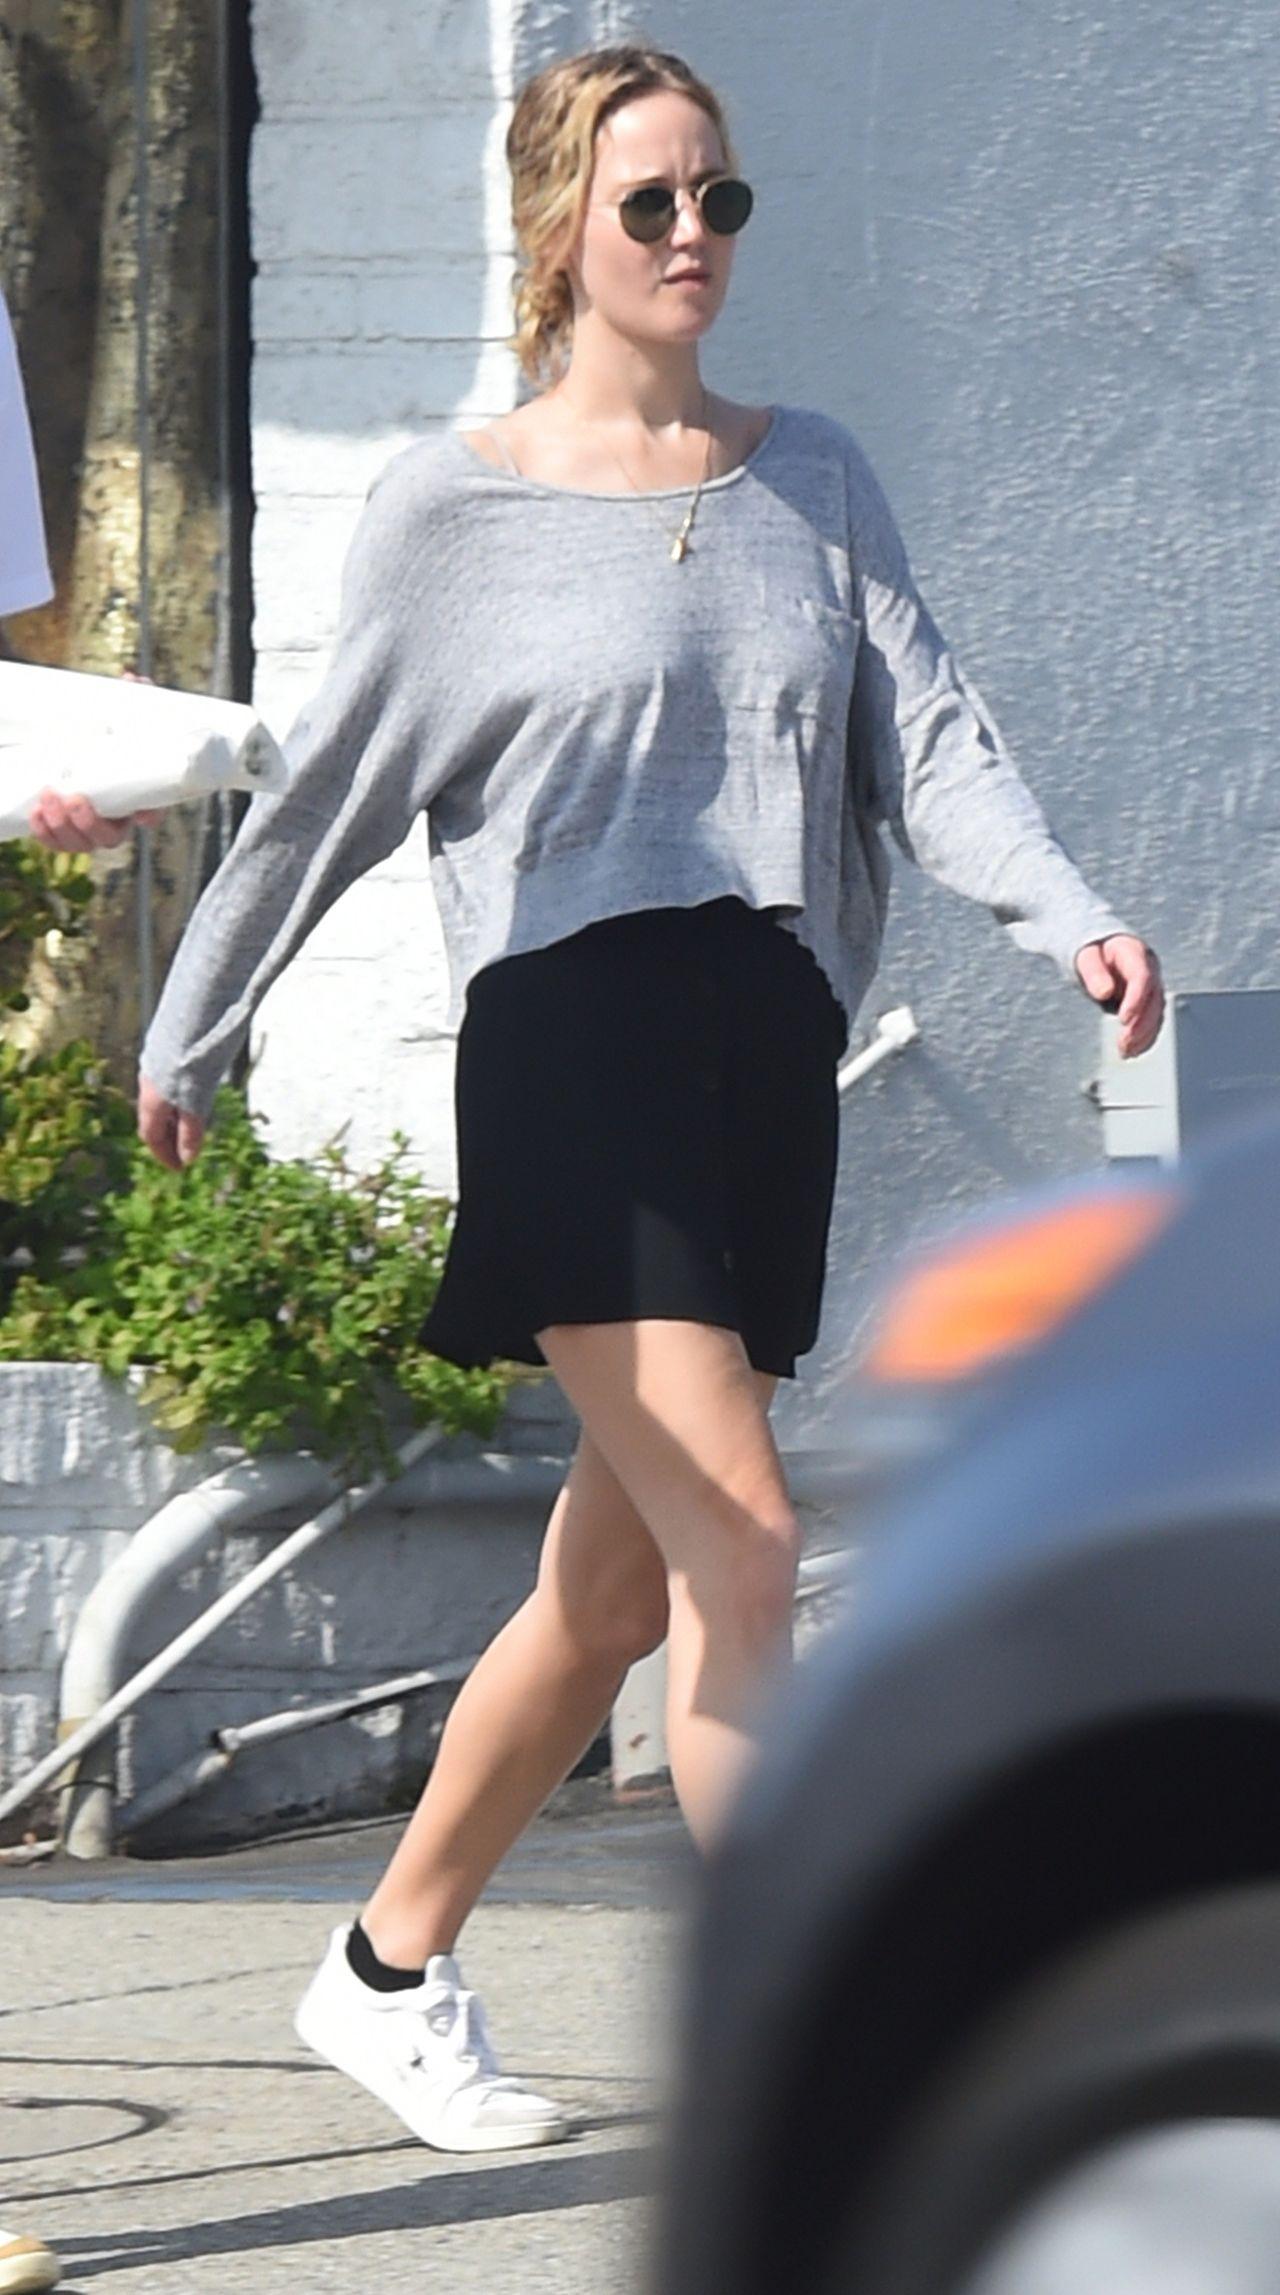 Mamy zdjęcia Taylor Swift z jej chłopakiem, Cooke Maroneyem: kim on jest?